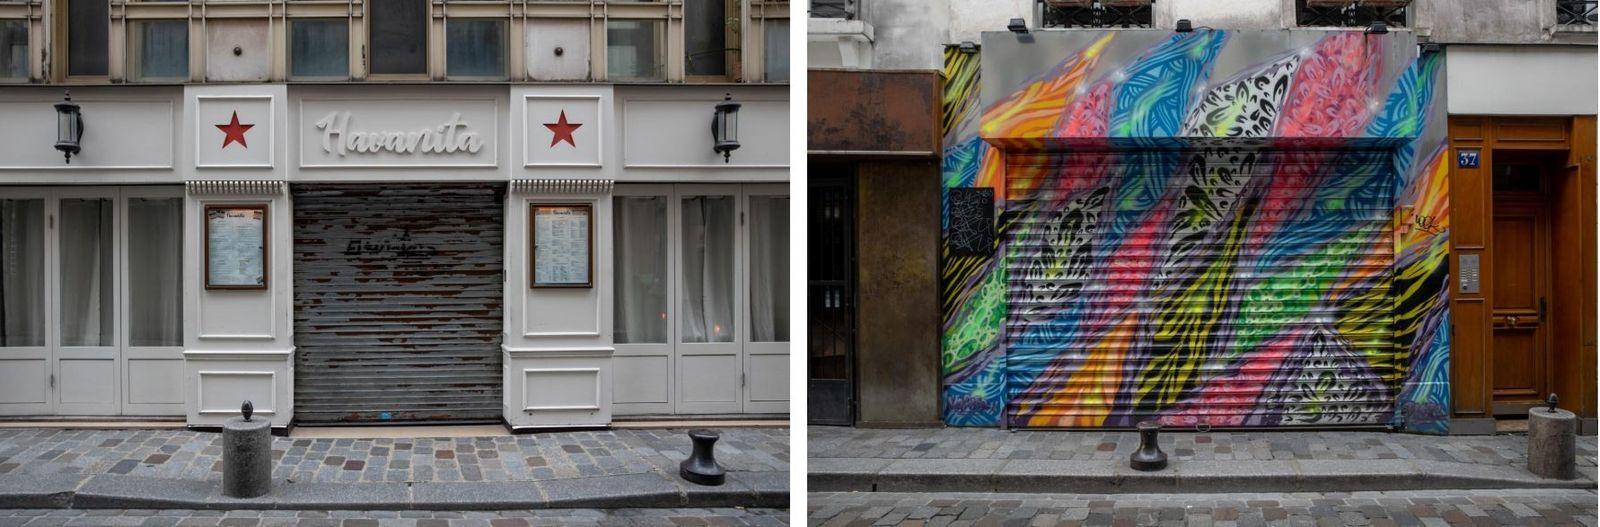 Os bares, restaurantes e discotecas estão silenciosos na famosa Rue de Lappe, um dos locais mais ...